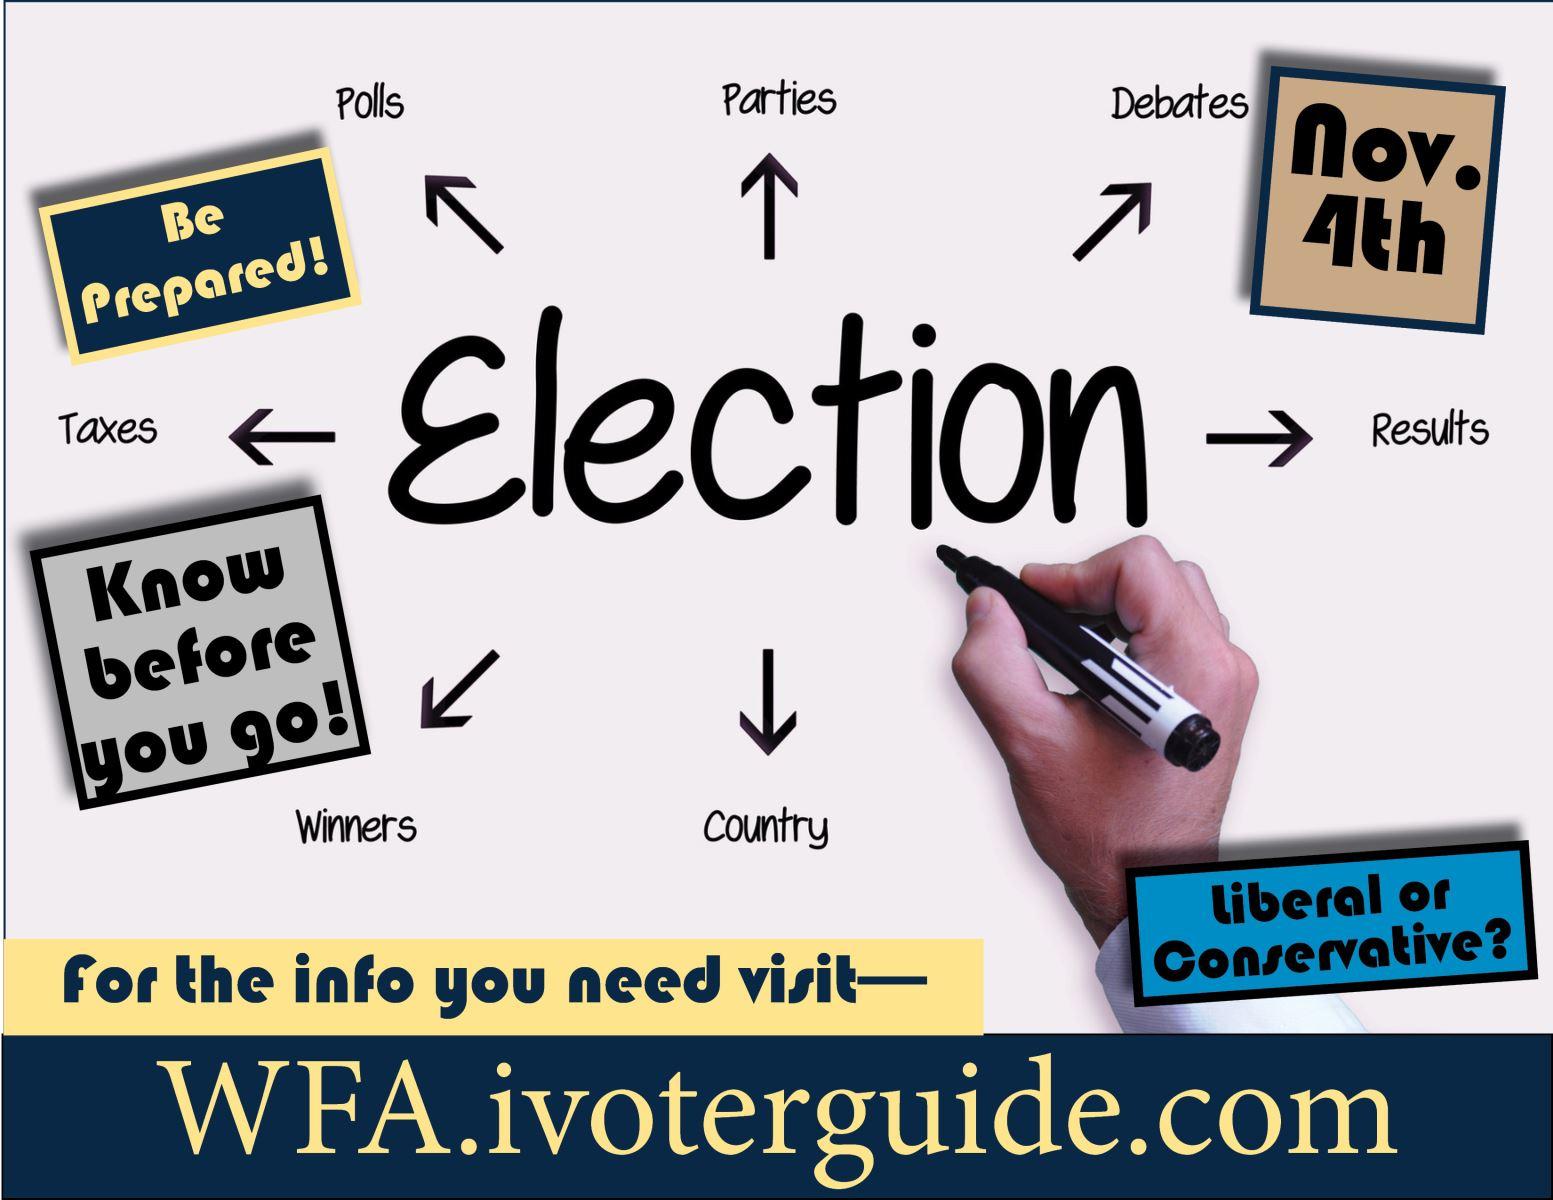 WFA.iVoterGuide.com